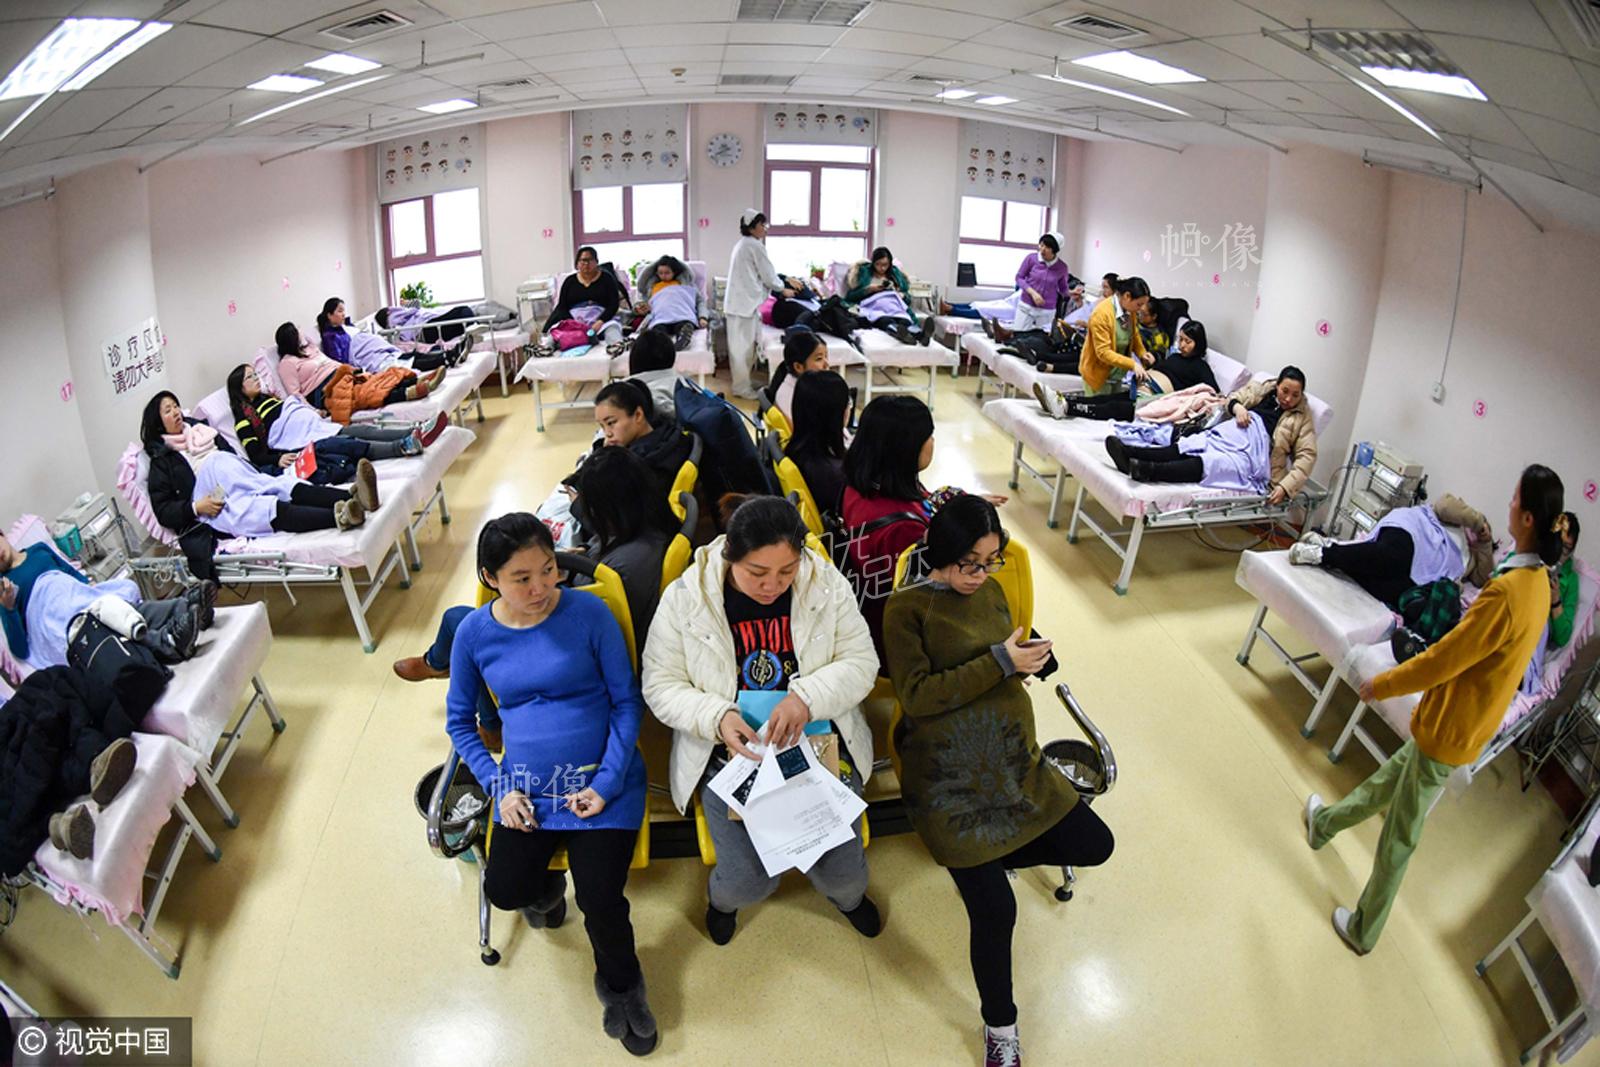 2017年2月,南京。胎心监测病房内许多孕妇正在进行胎心检查,其中近一半是二胎产妇。 视觉中国